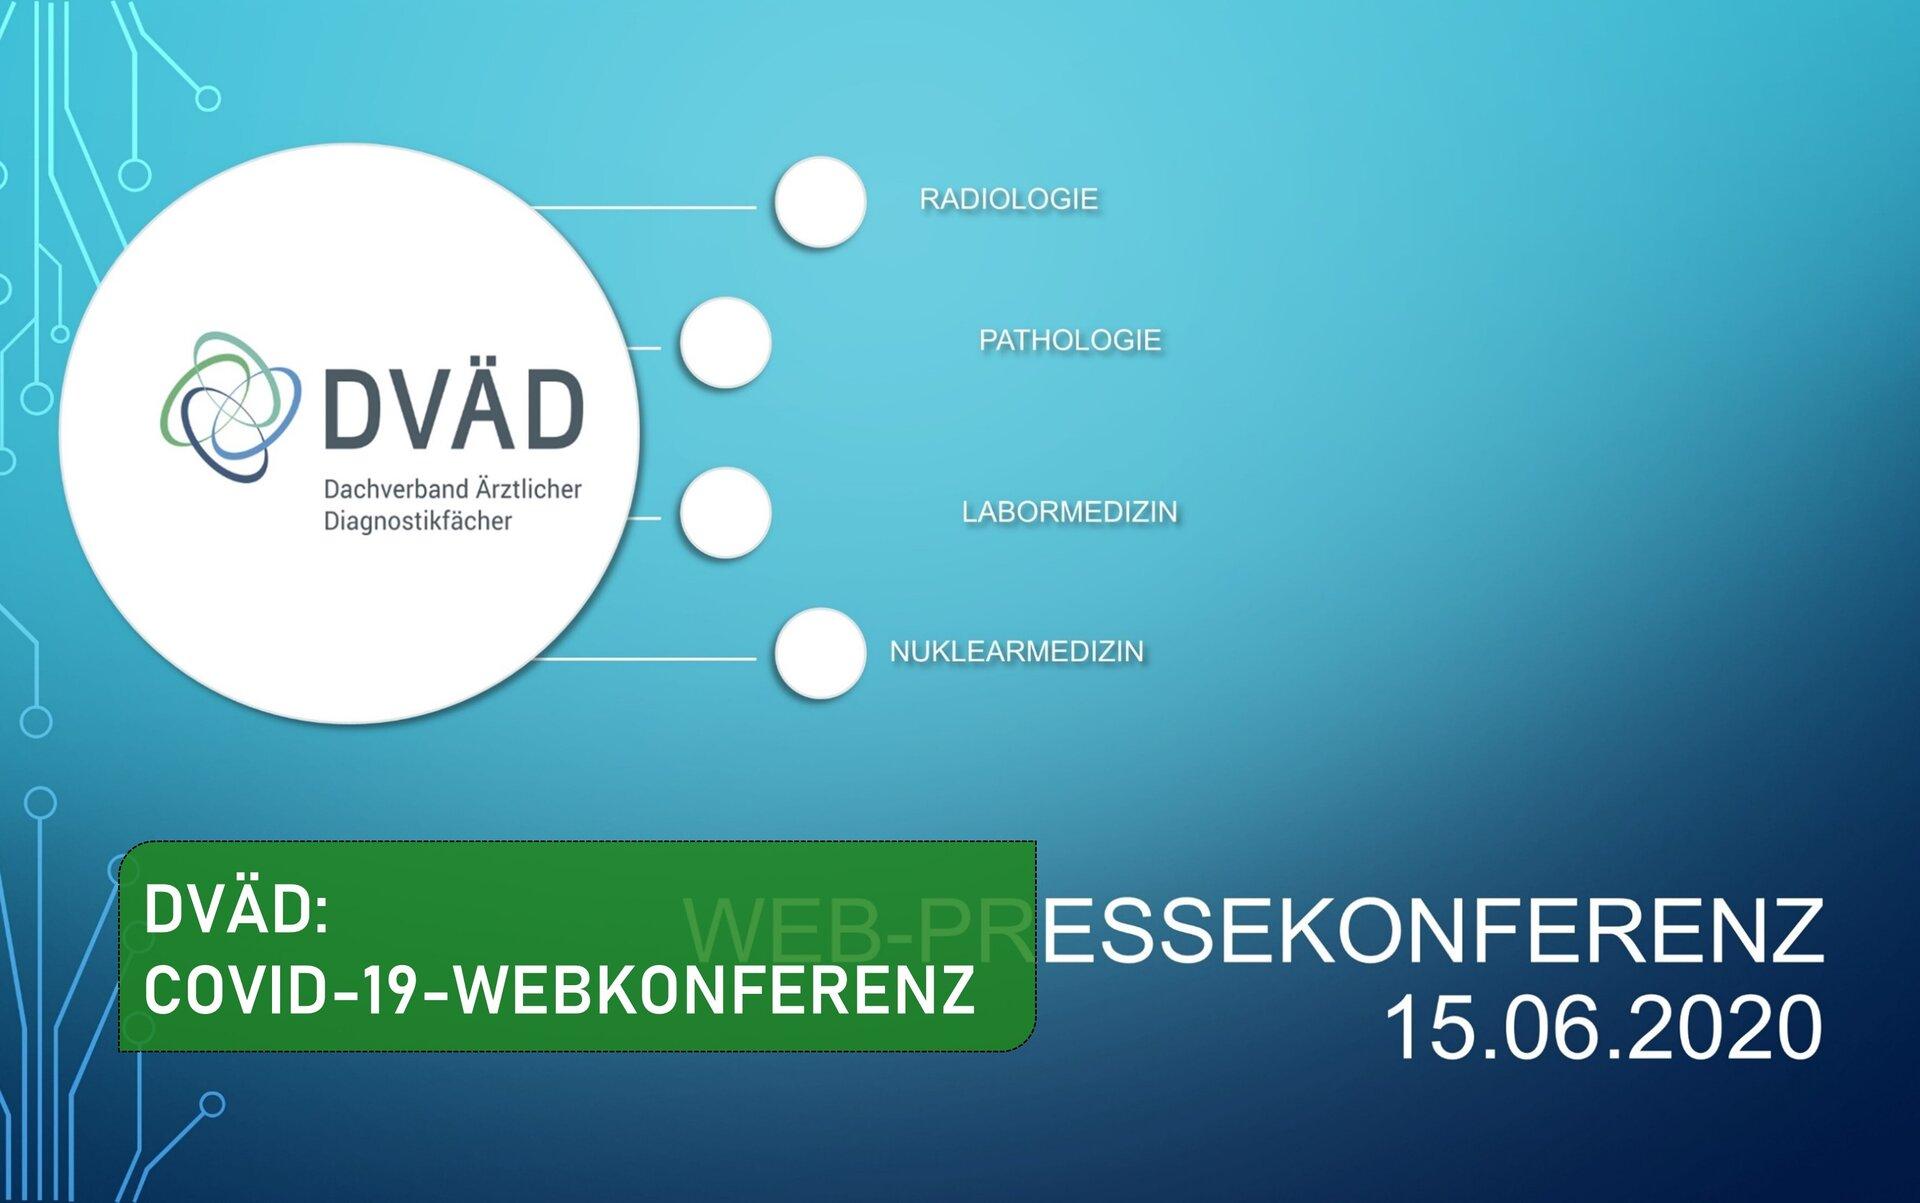 Web-PK DVÄD